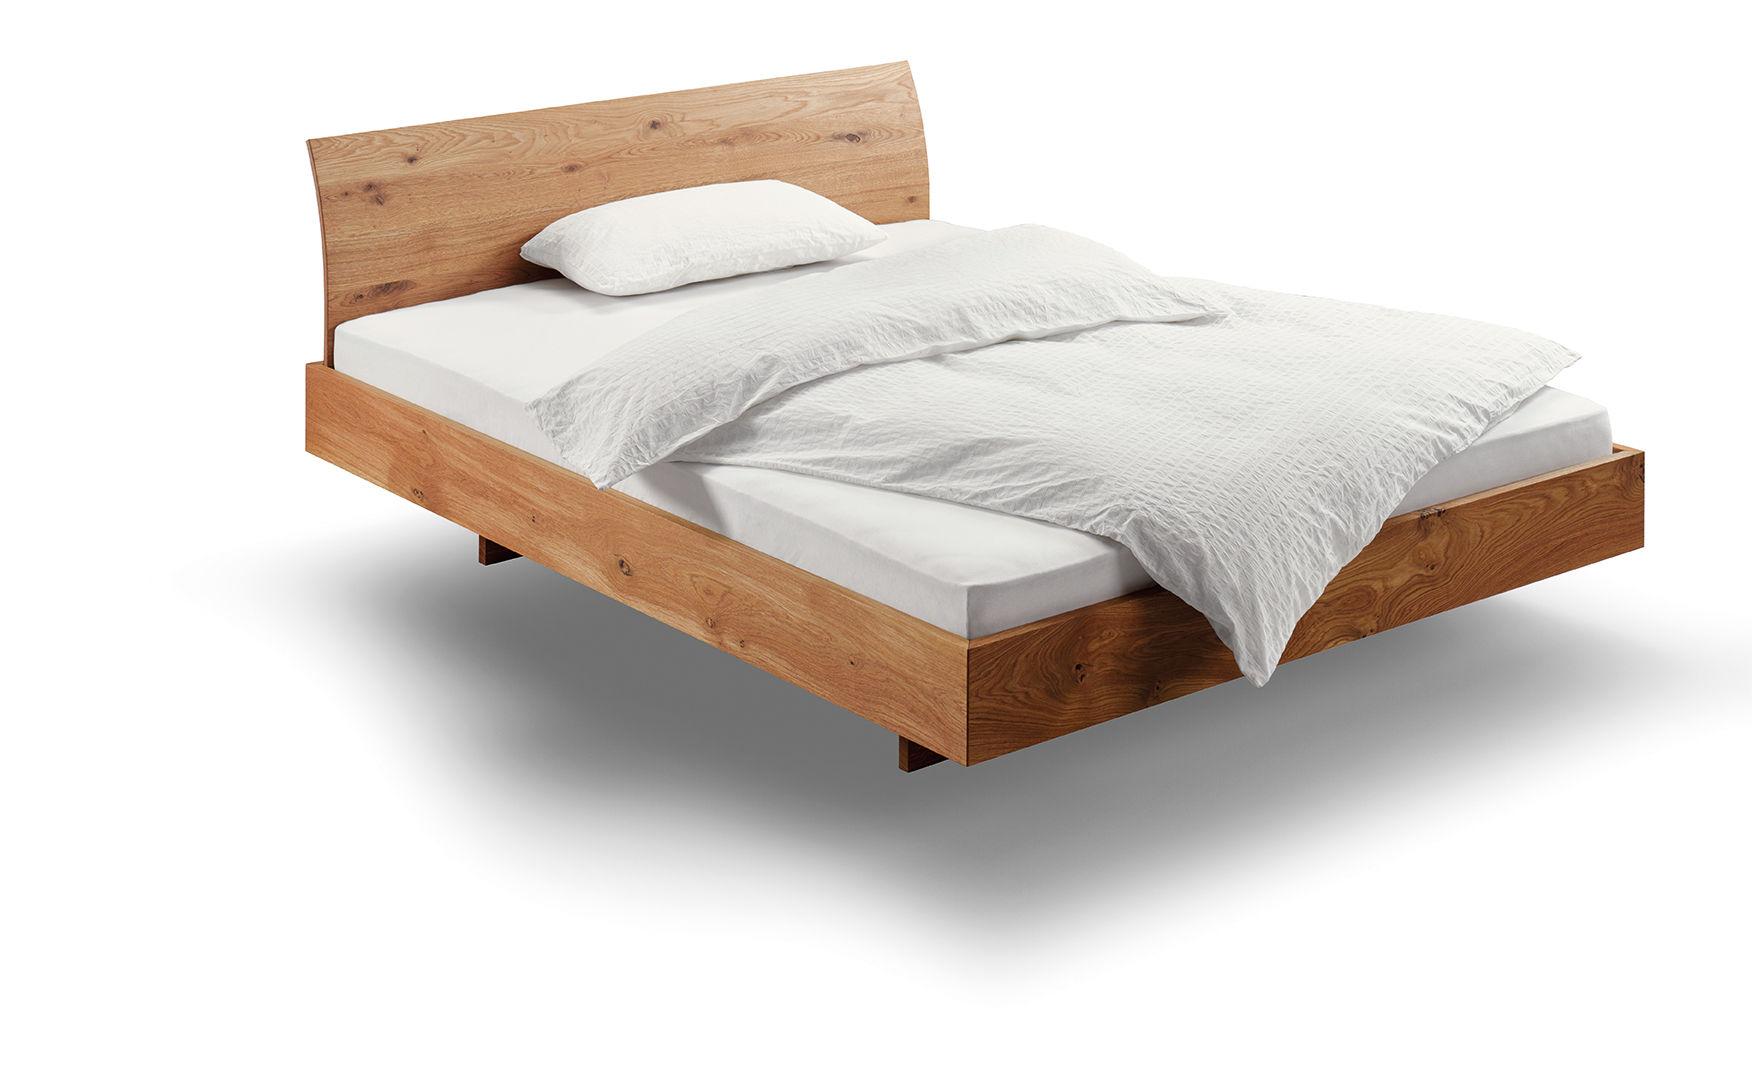 betten kaufen sie ihr bett online homify. Black Bedroom Furniture Sets. Home Design Ideas